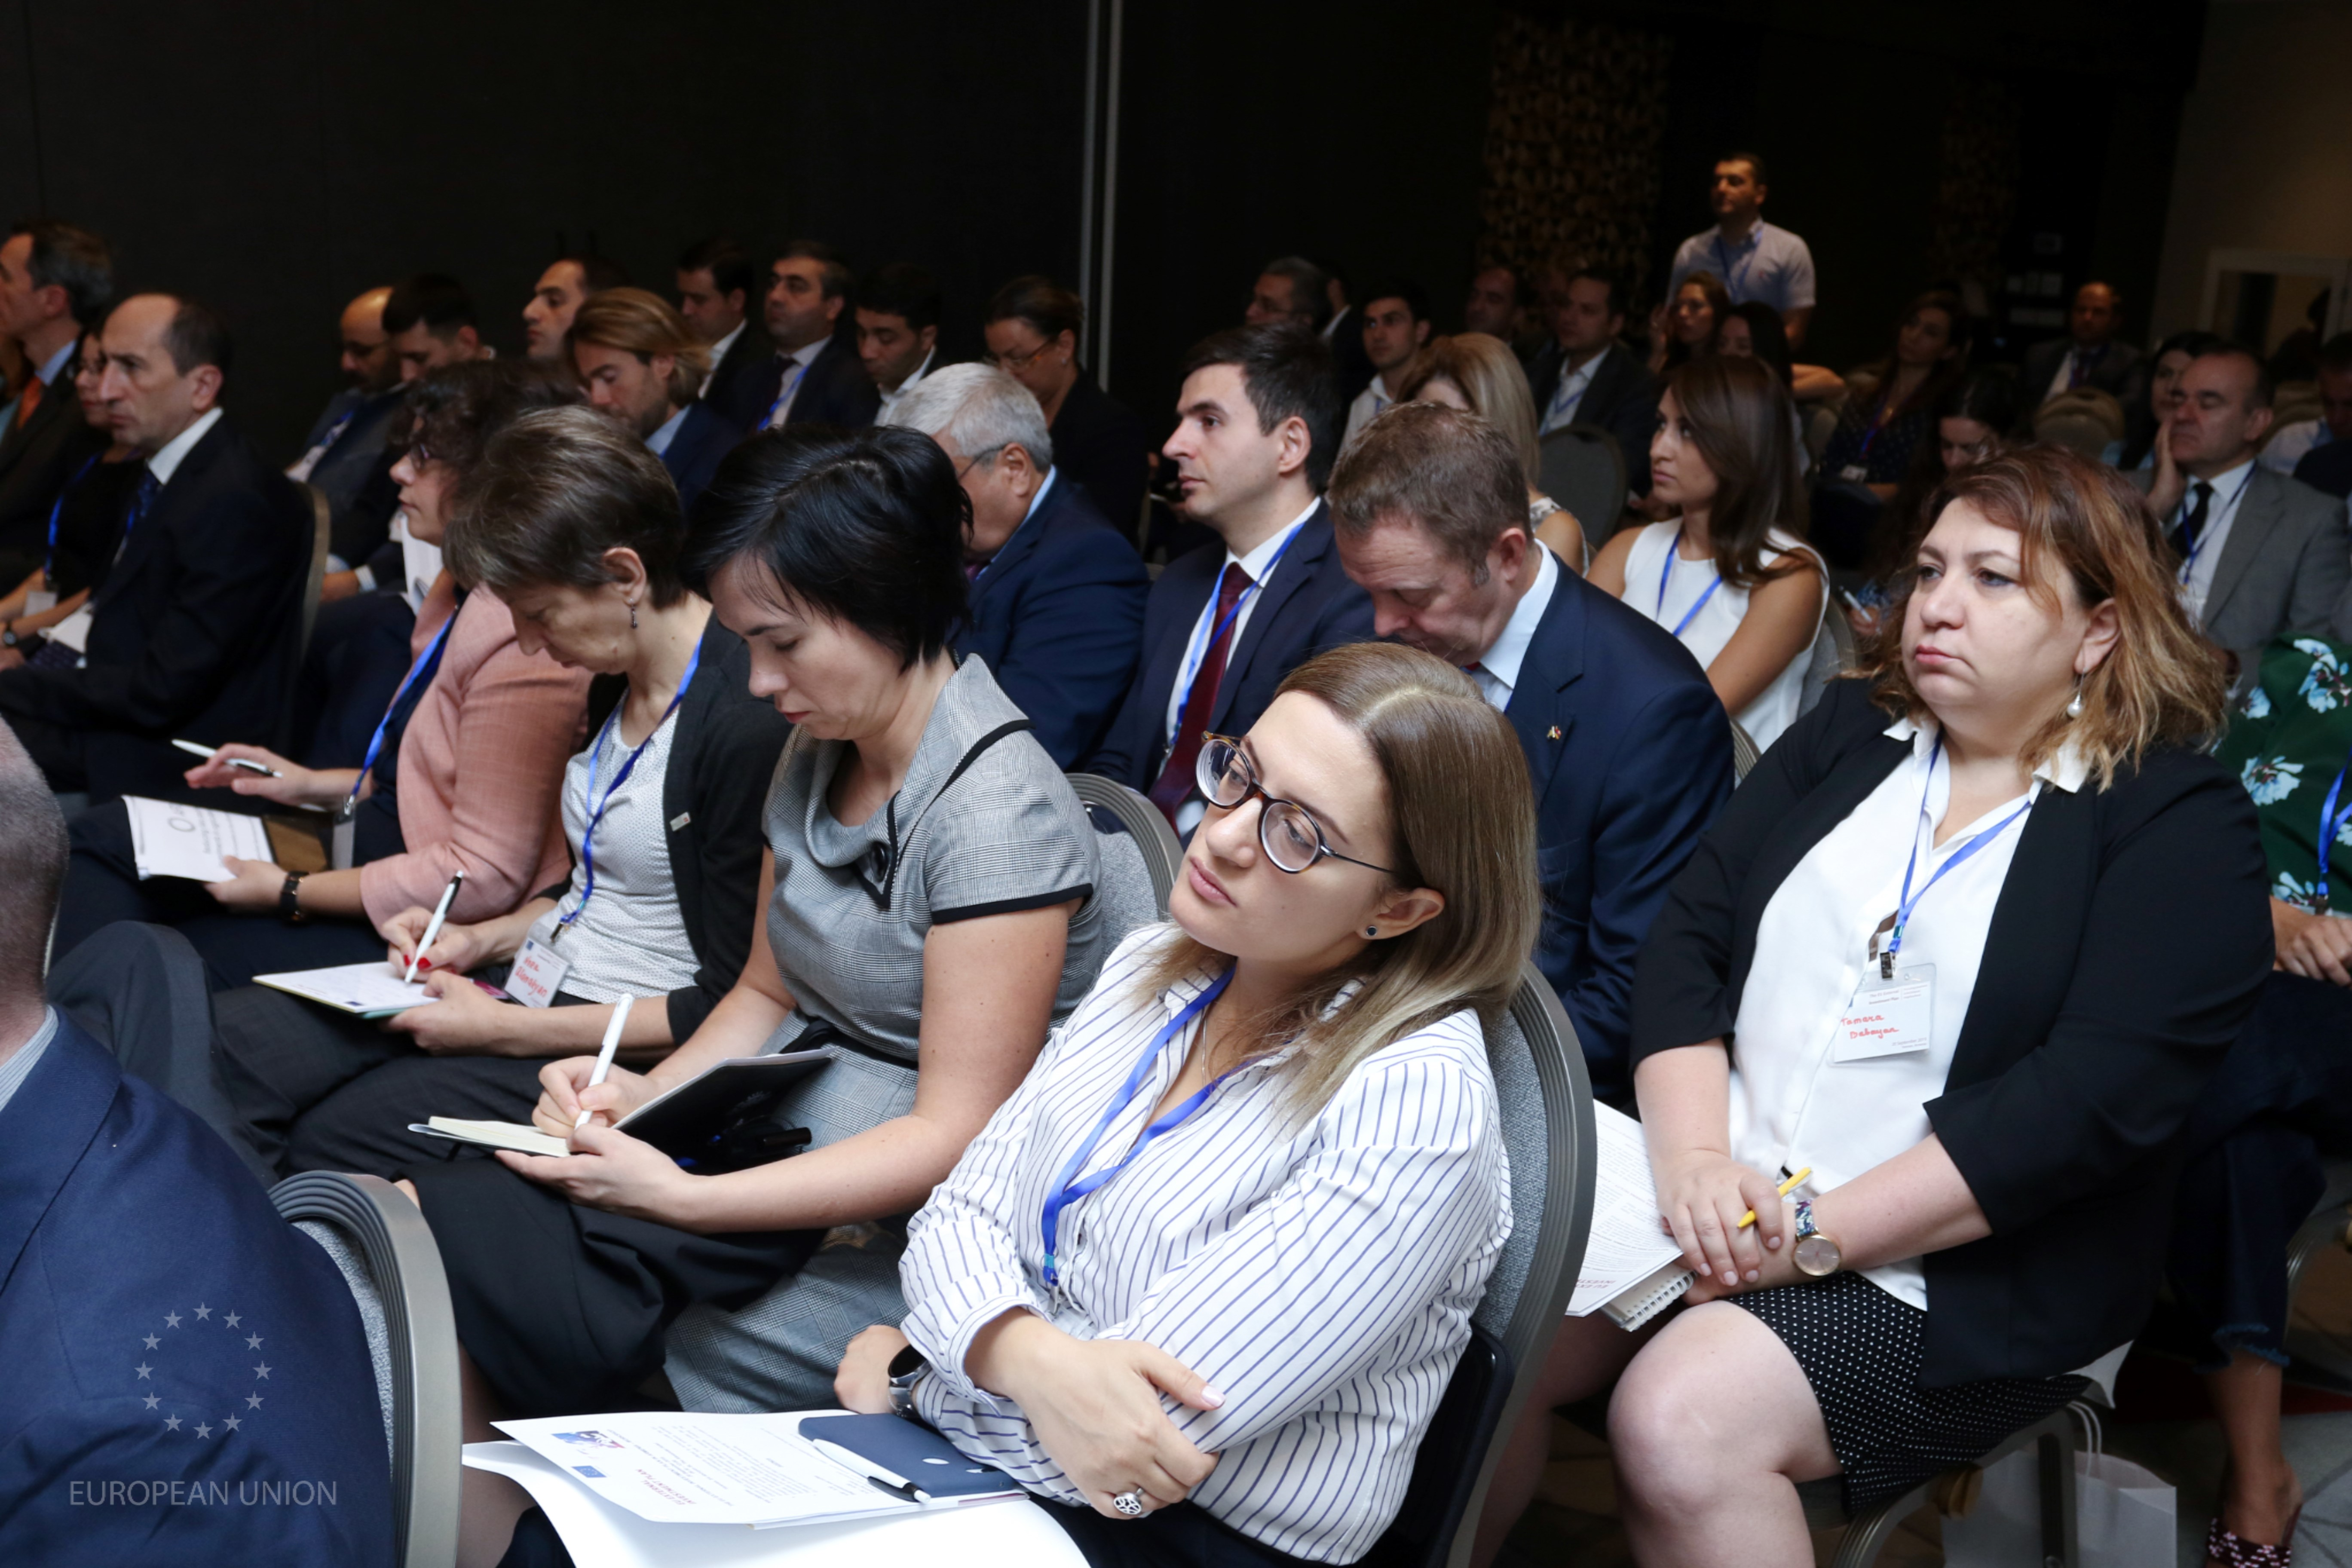 Երևանում տեղի է ունեցել ԵՄ Արտաքին ներդրումային պլանի մեկնարկային միջոցառումը․